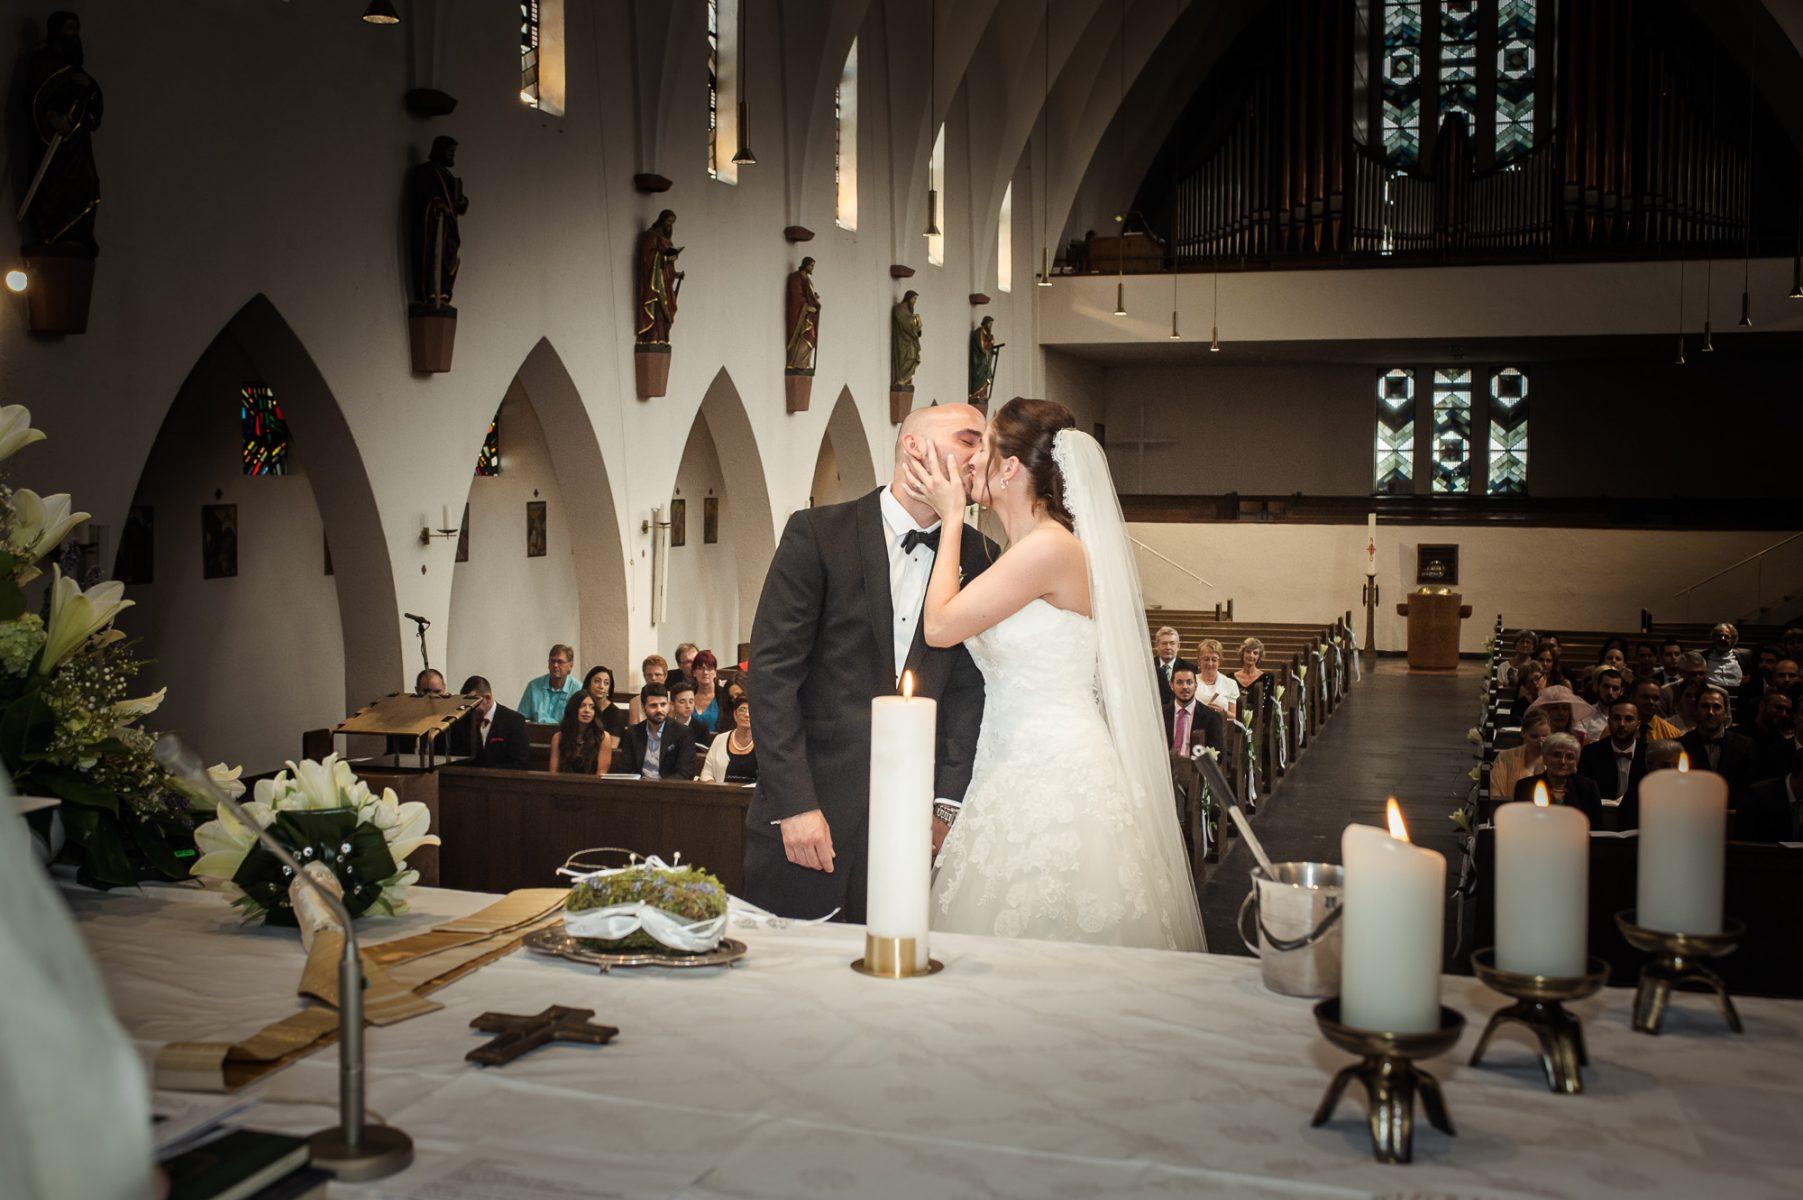 Hochzeit B2000  7878 117 1803x1200 - Trauung